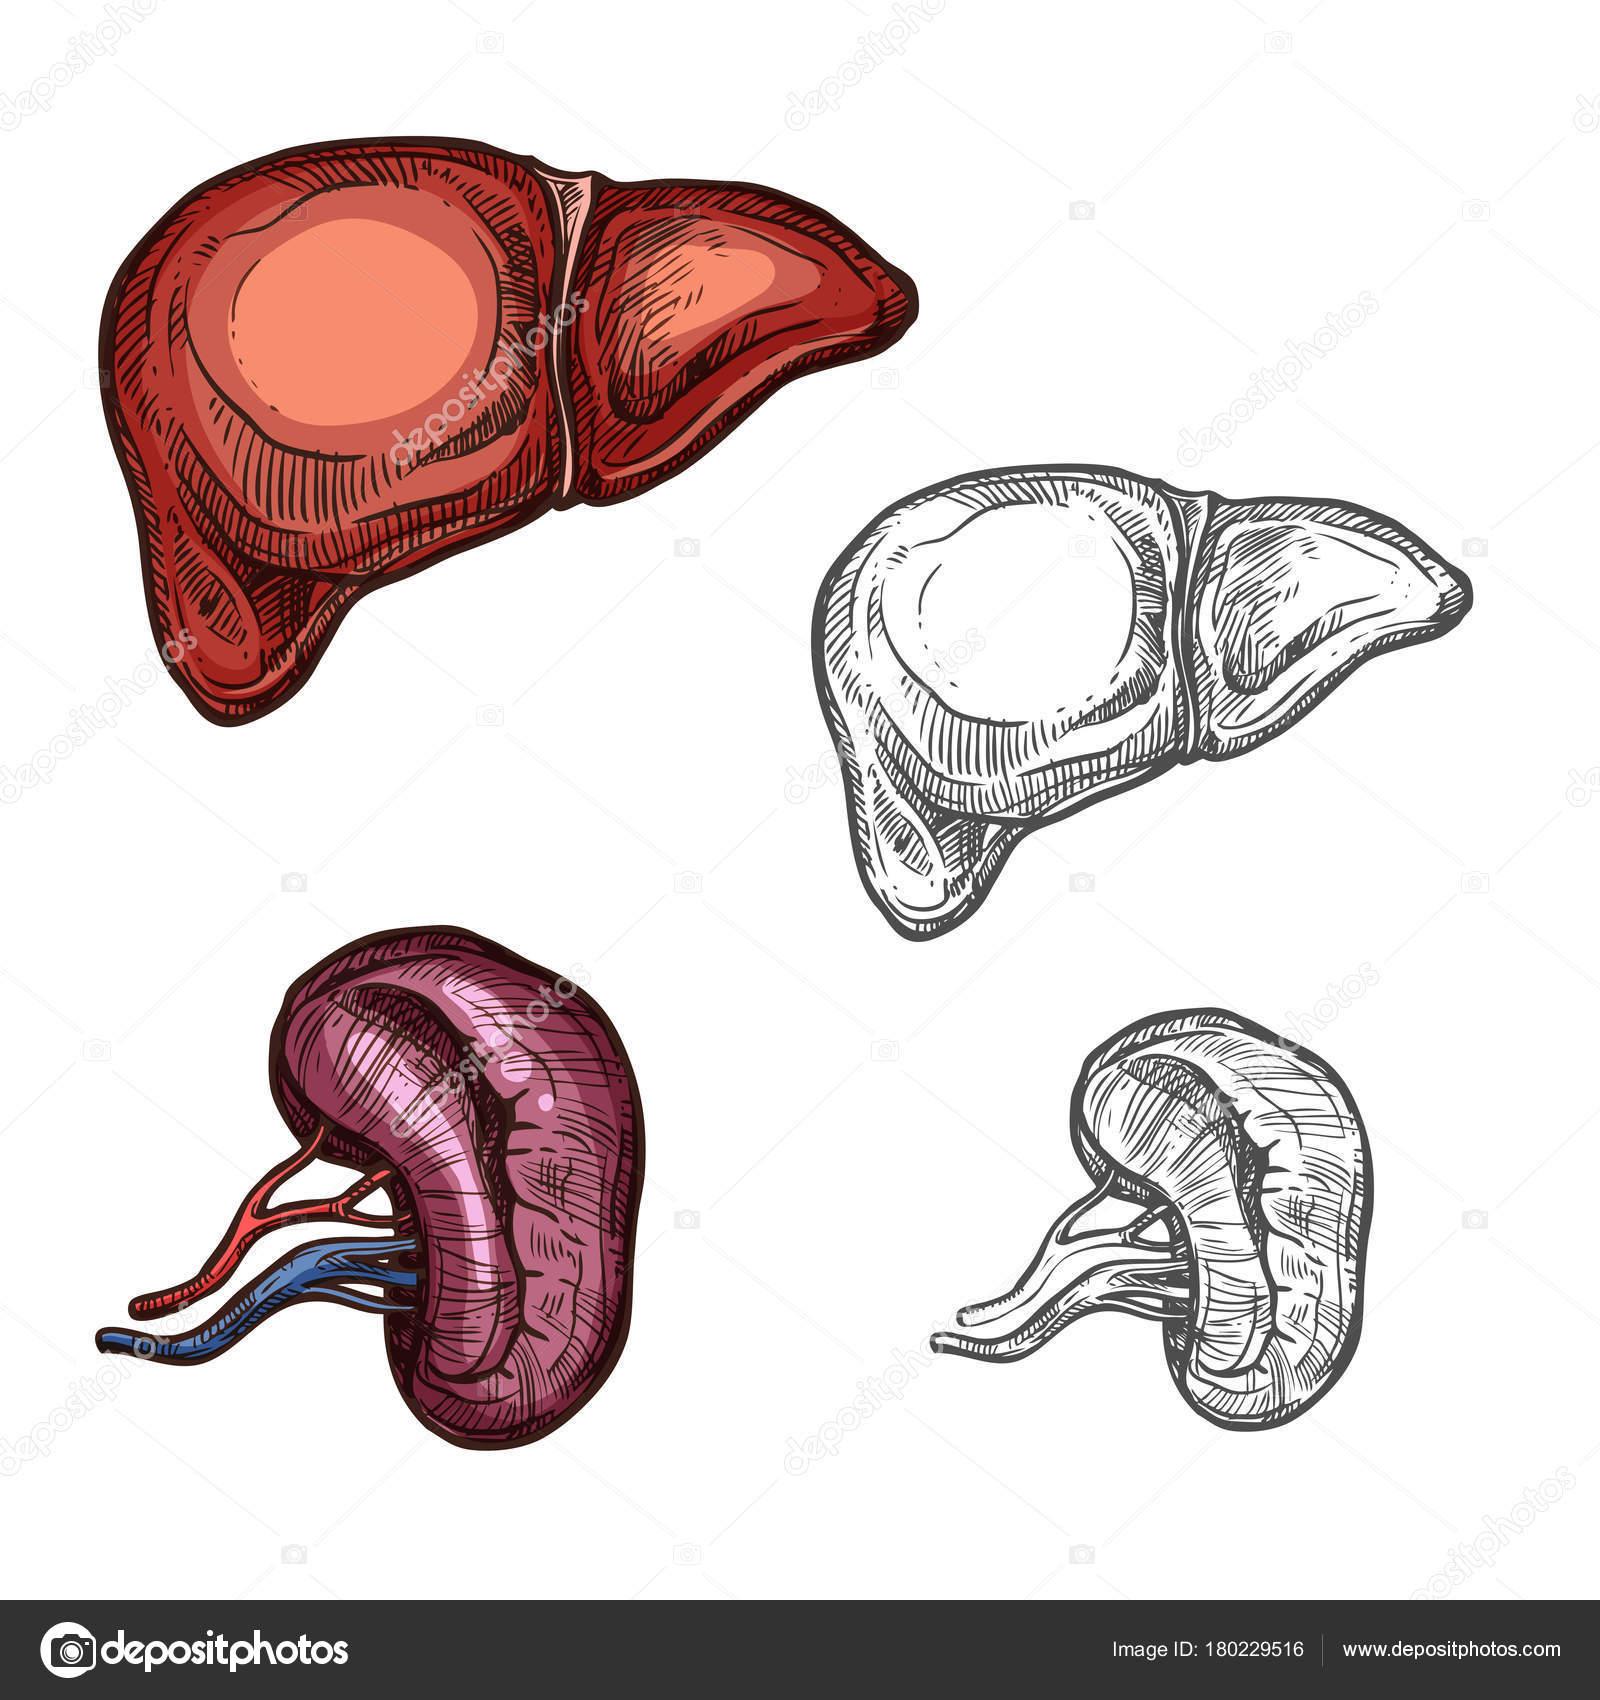 Menschliche Organe Leber und Niere Vektor skizzieren Symbole ...